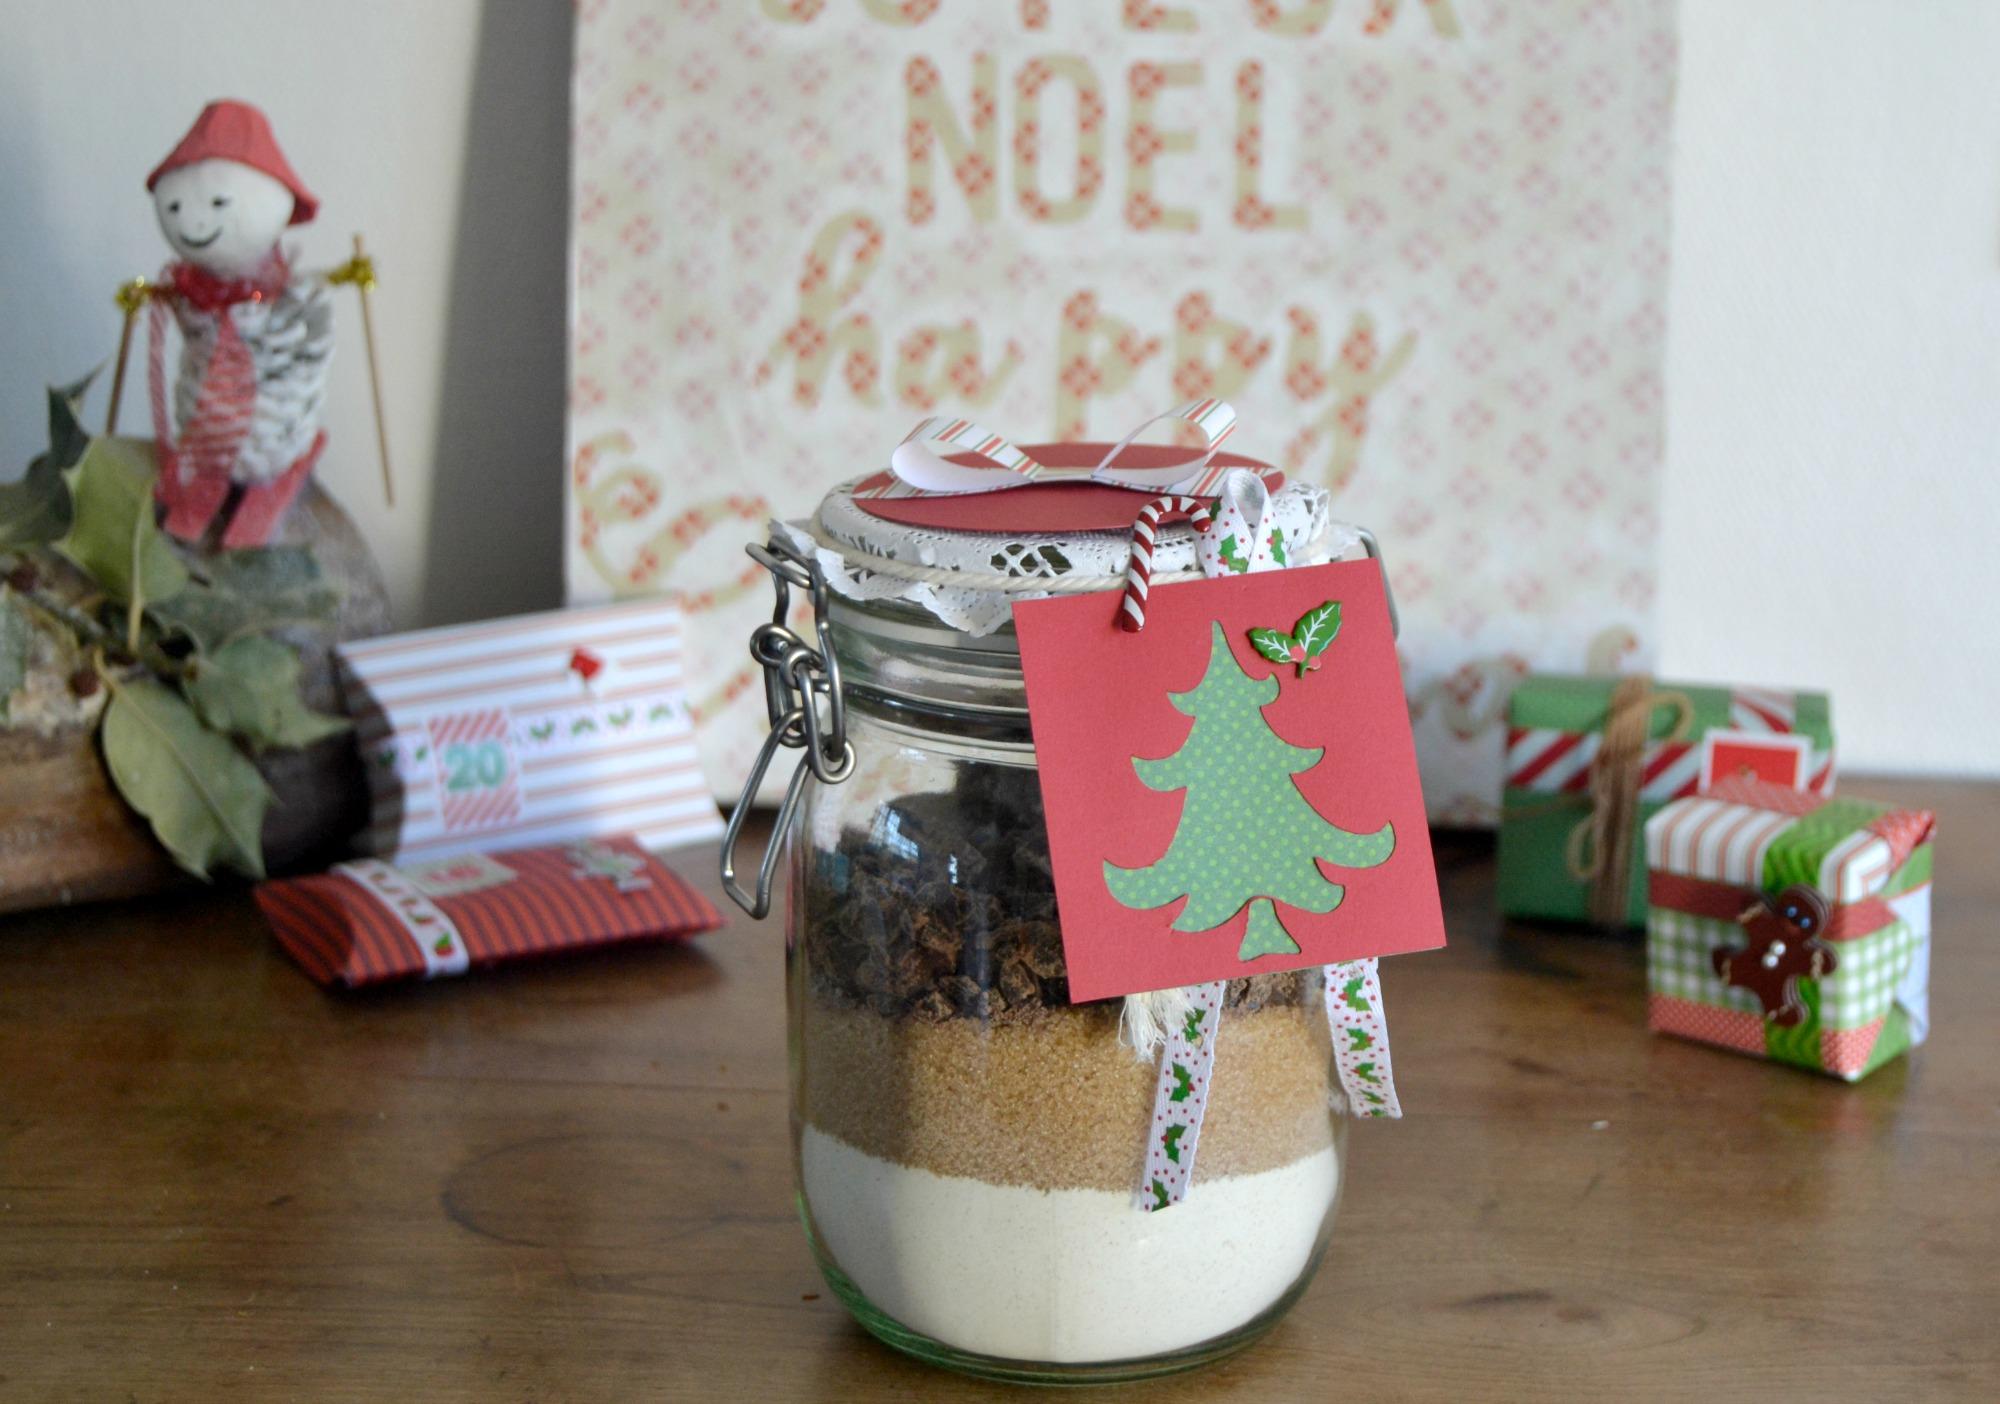 cadeau home made de no l kit cookies maman tt faire. Black Bedroom Furniture Sets. Home Design Ideas